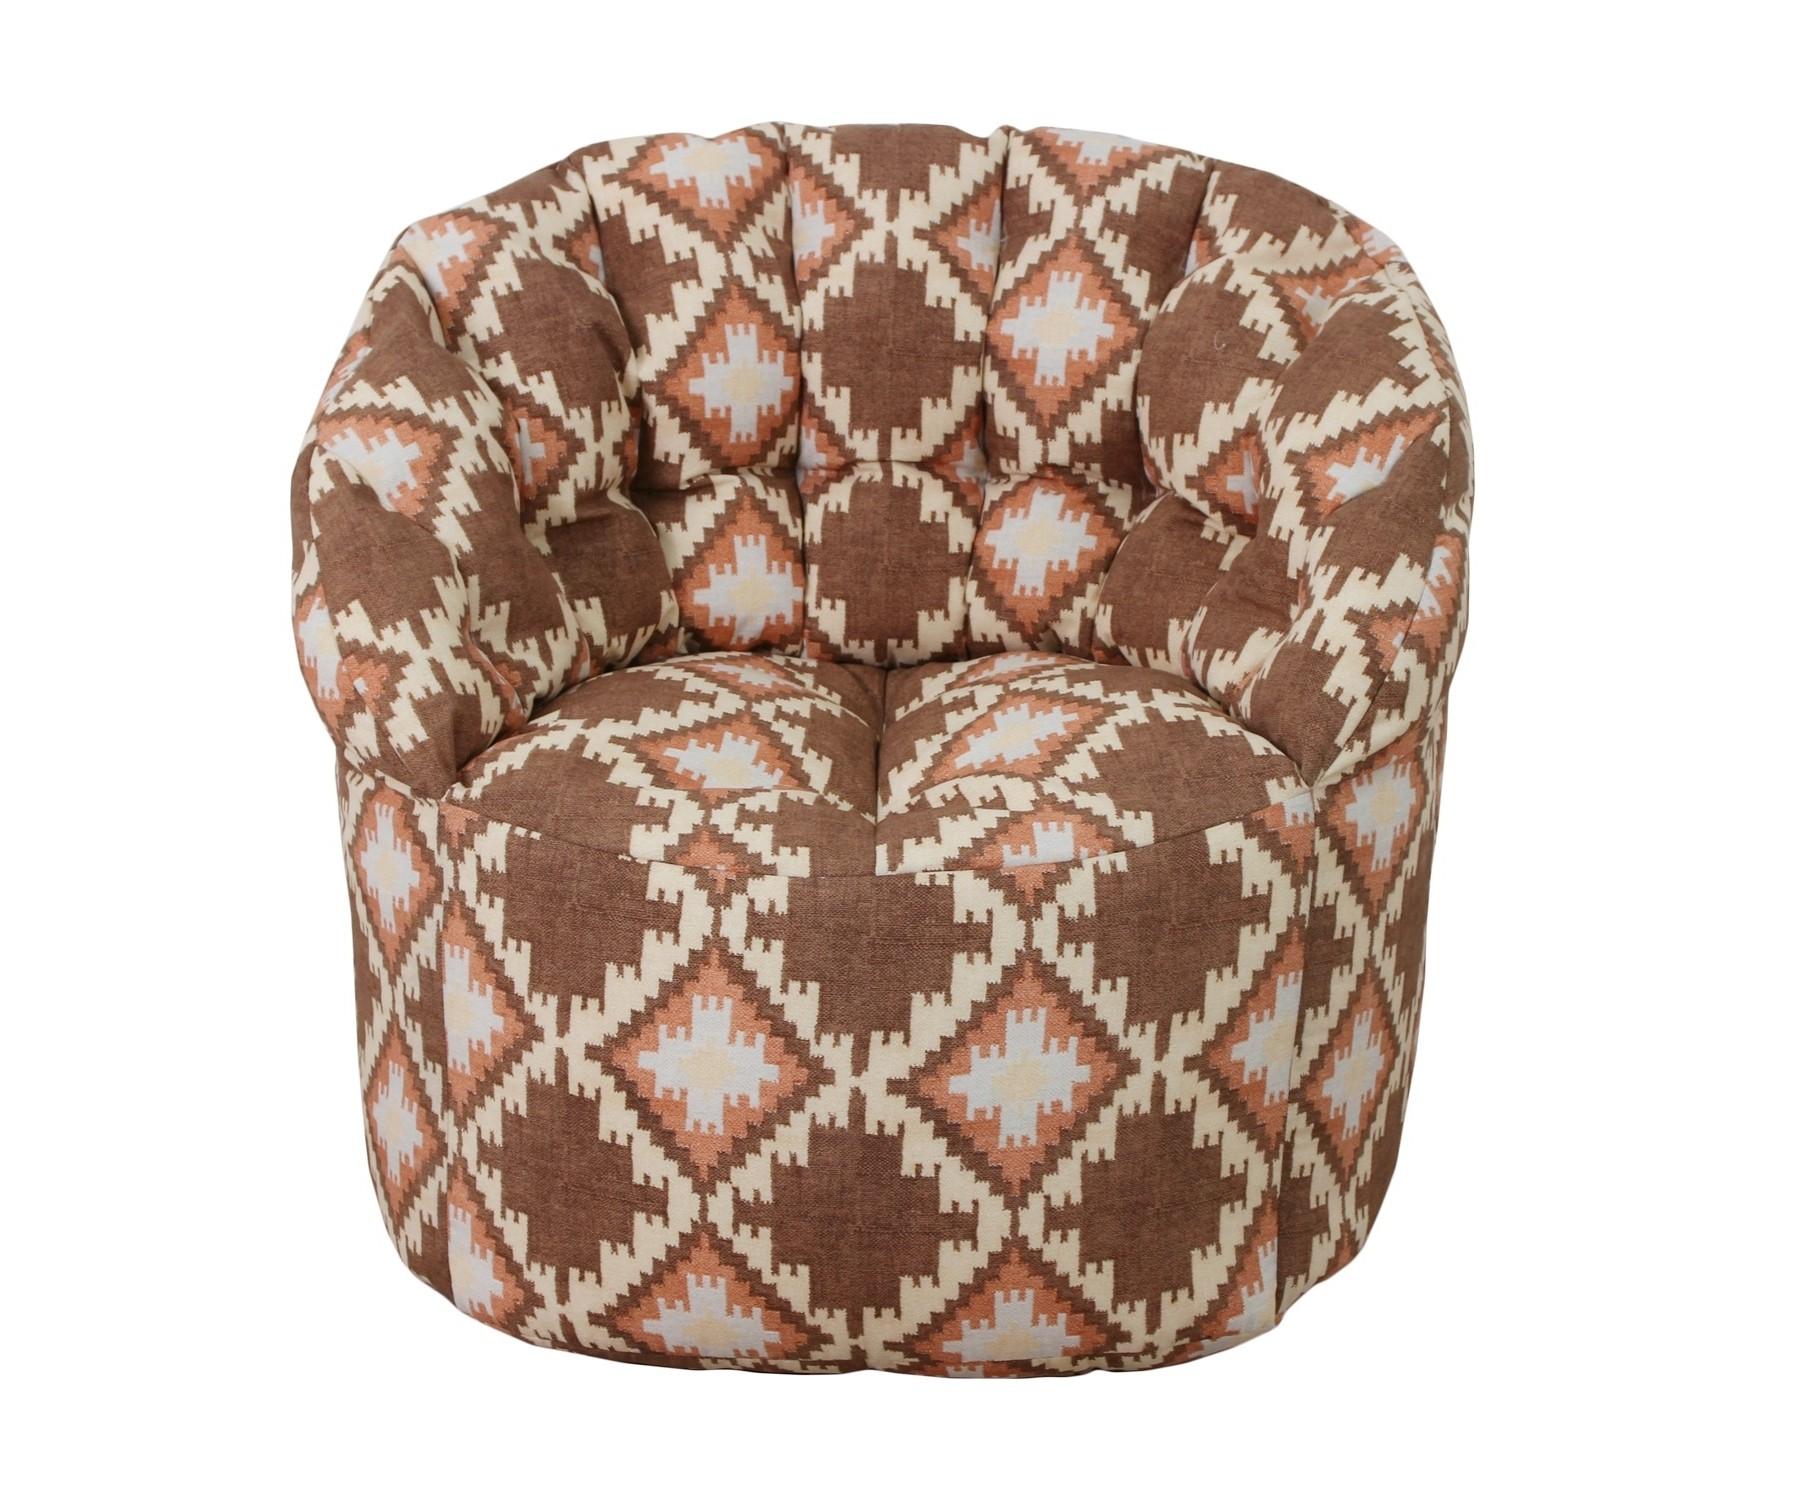 Кресло-пуфФорменные пуфы<br>Комфортное кресло-пуф станет неотьемлемой частью вашего дома. Спинка кресла держит форму и обеспечивает круговую поддержку для спины за счет особой системы пошива. Кресло имеет 2 независимых отсека для наполнителя. Эксклюзивная   ткань разбавит ваш интерьер яркими красками.<br><br>Material: Текстиль<br>Ширина см: 85<br>Высота см: 91<br>Глубина см: 56